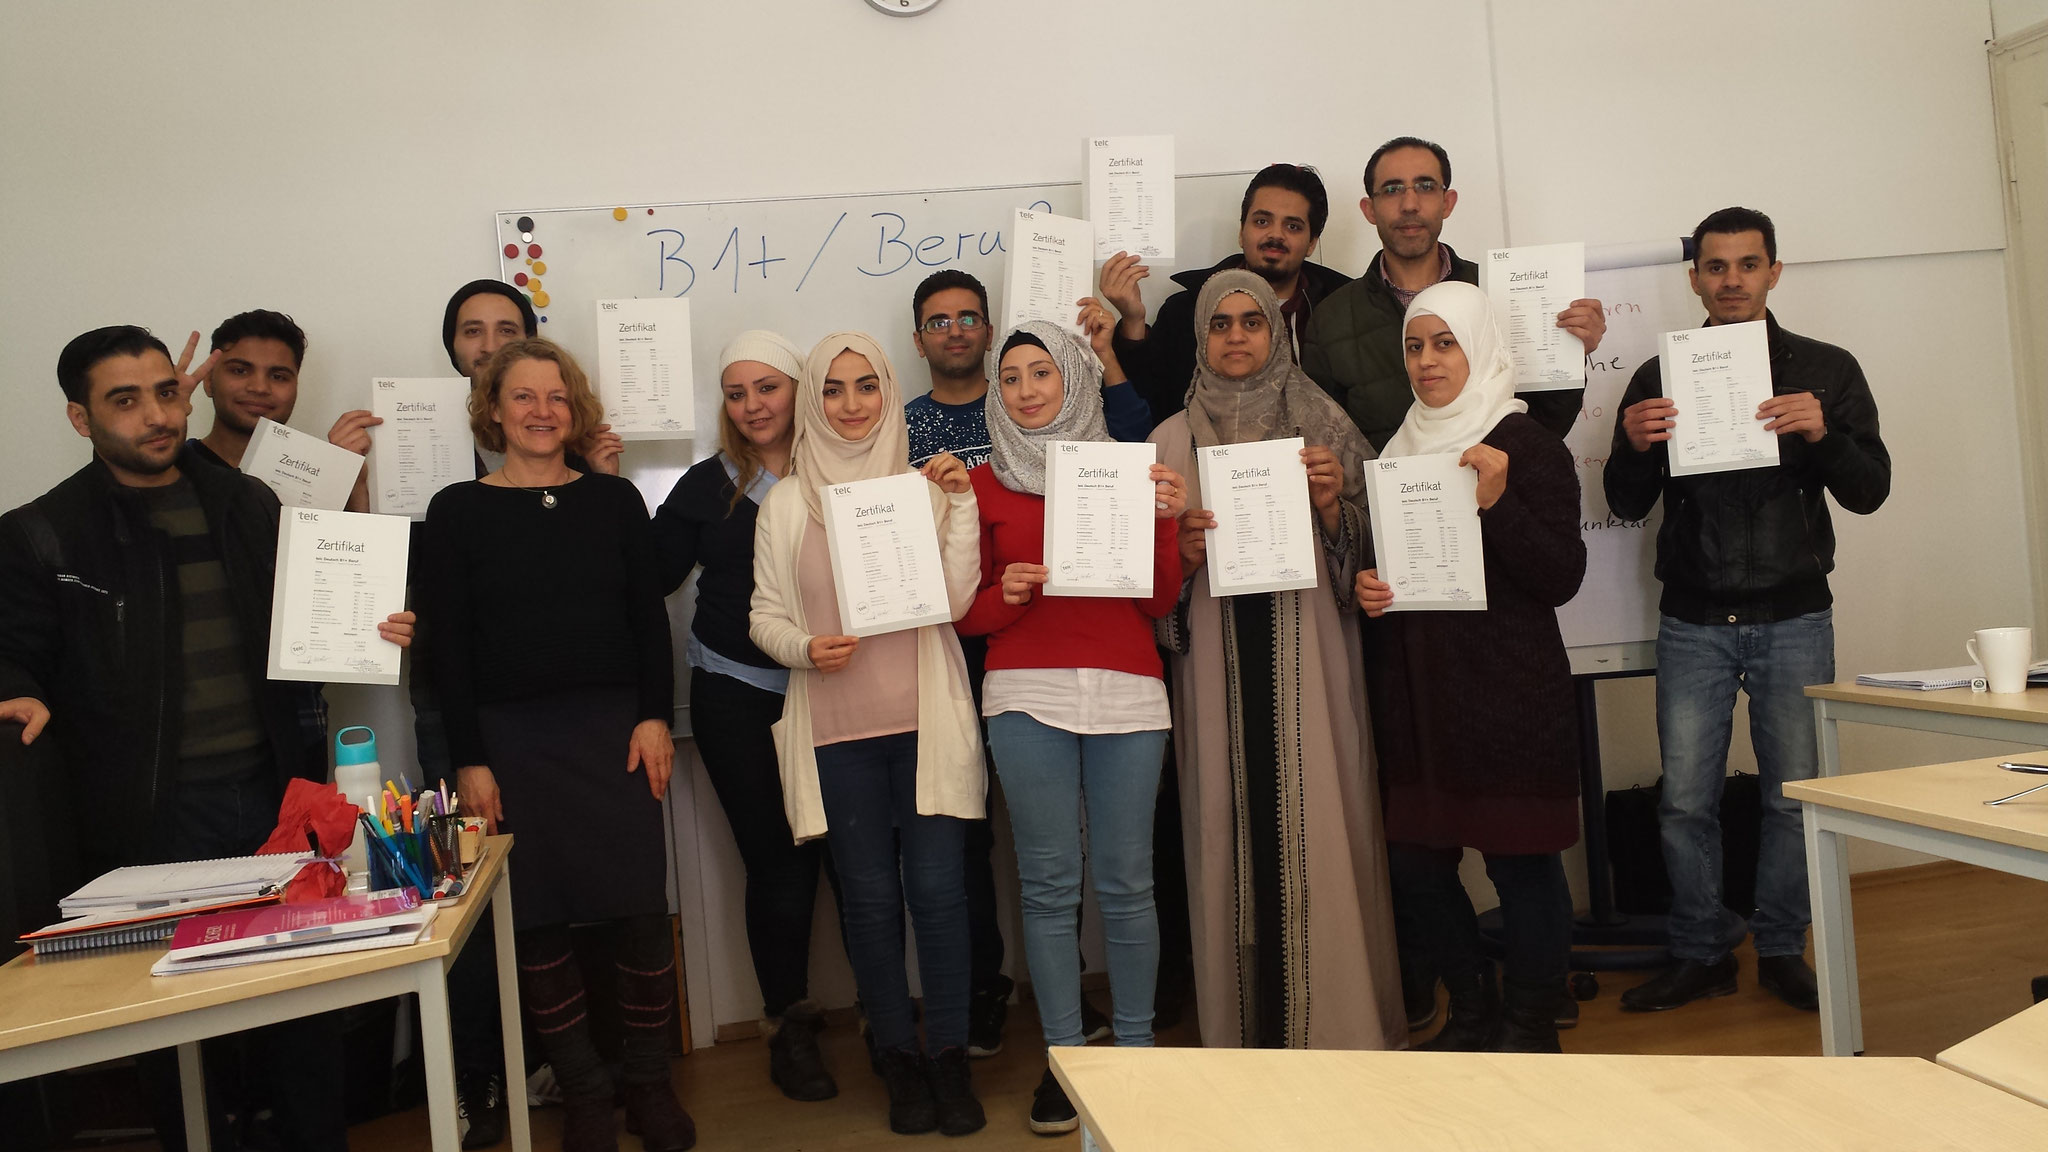 Zertifikate B1 plus Beruf: wir gratulieren den stolzen KursteilnehmerInnen zur bestandenen Prüfung!